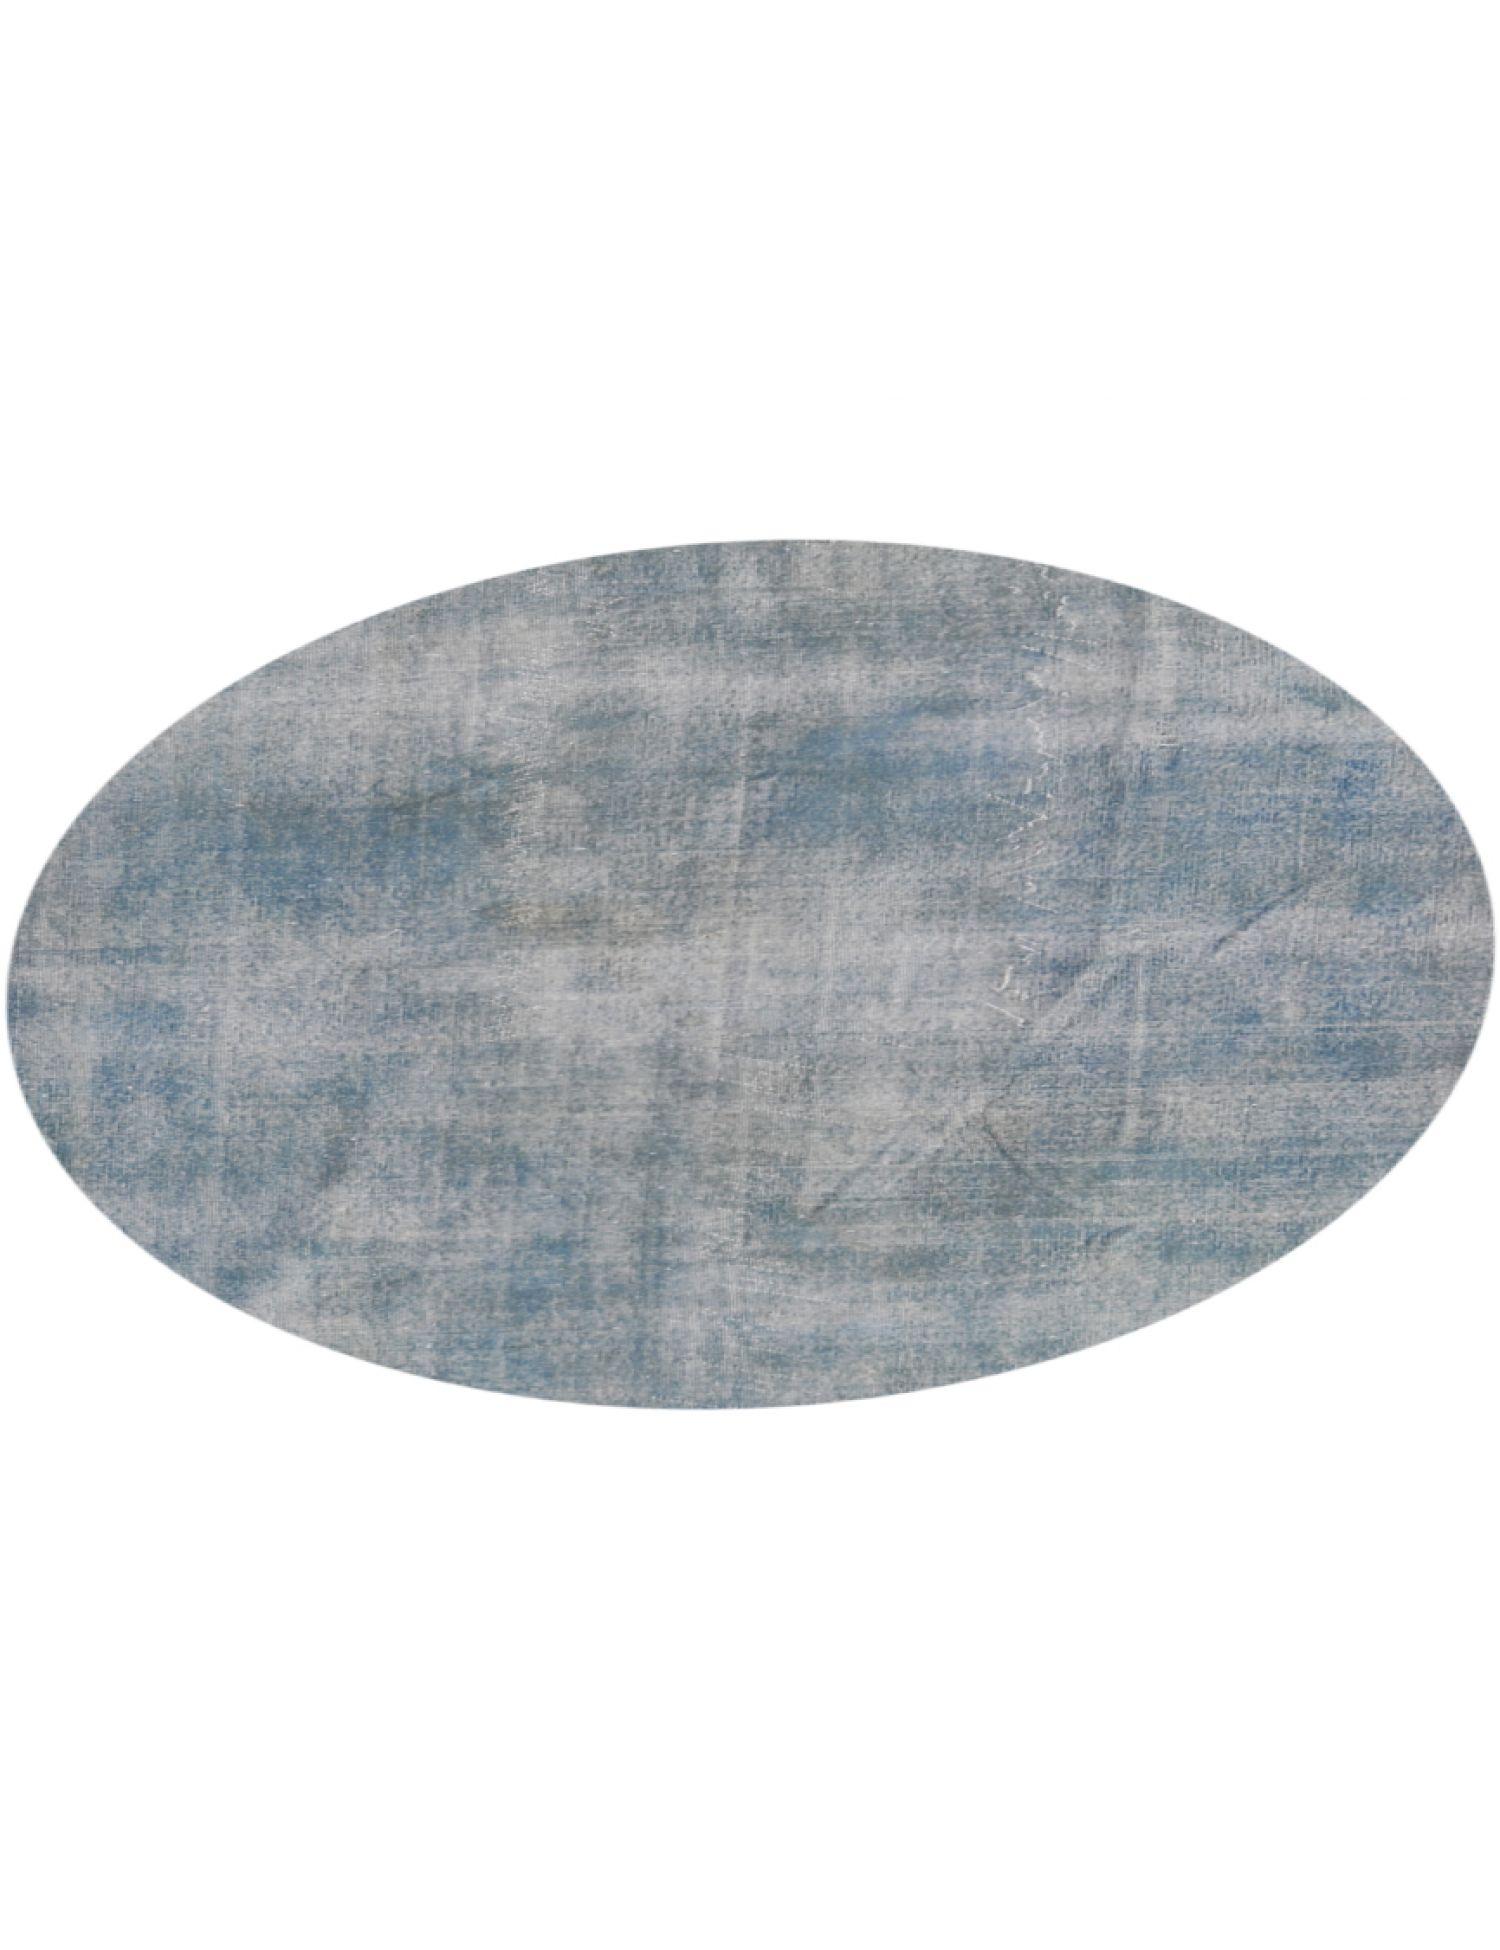 Vintage Teppich rund  blau <br/>216 x 216 cm